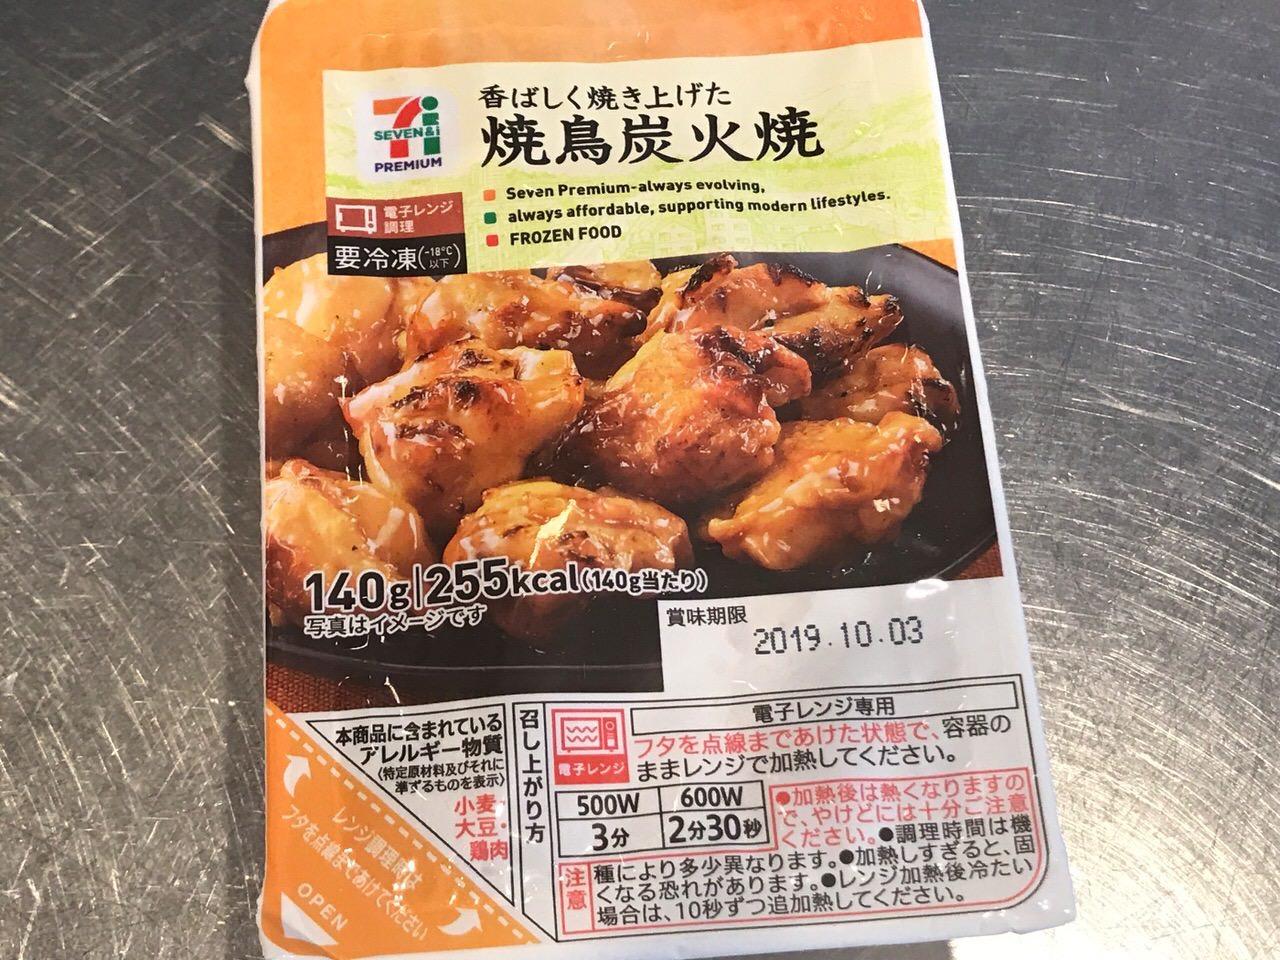 セブンイレブンの冷凍食品「焼鳥炭火焼」正面